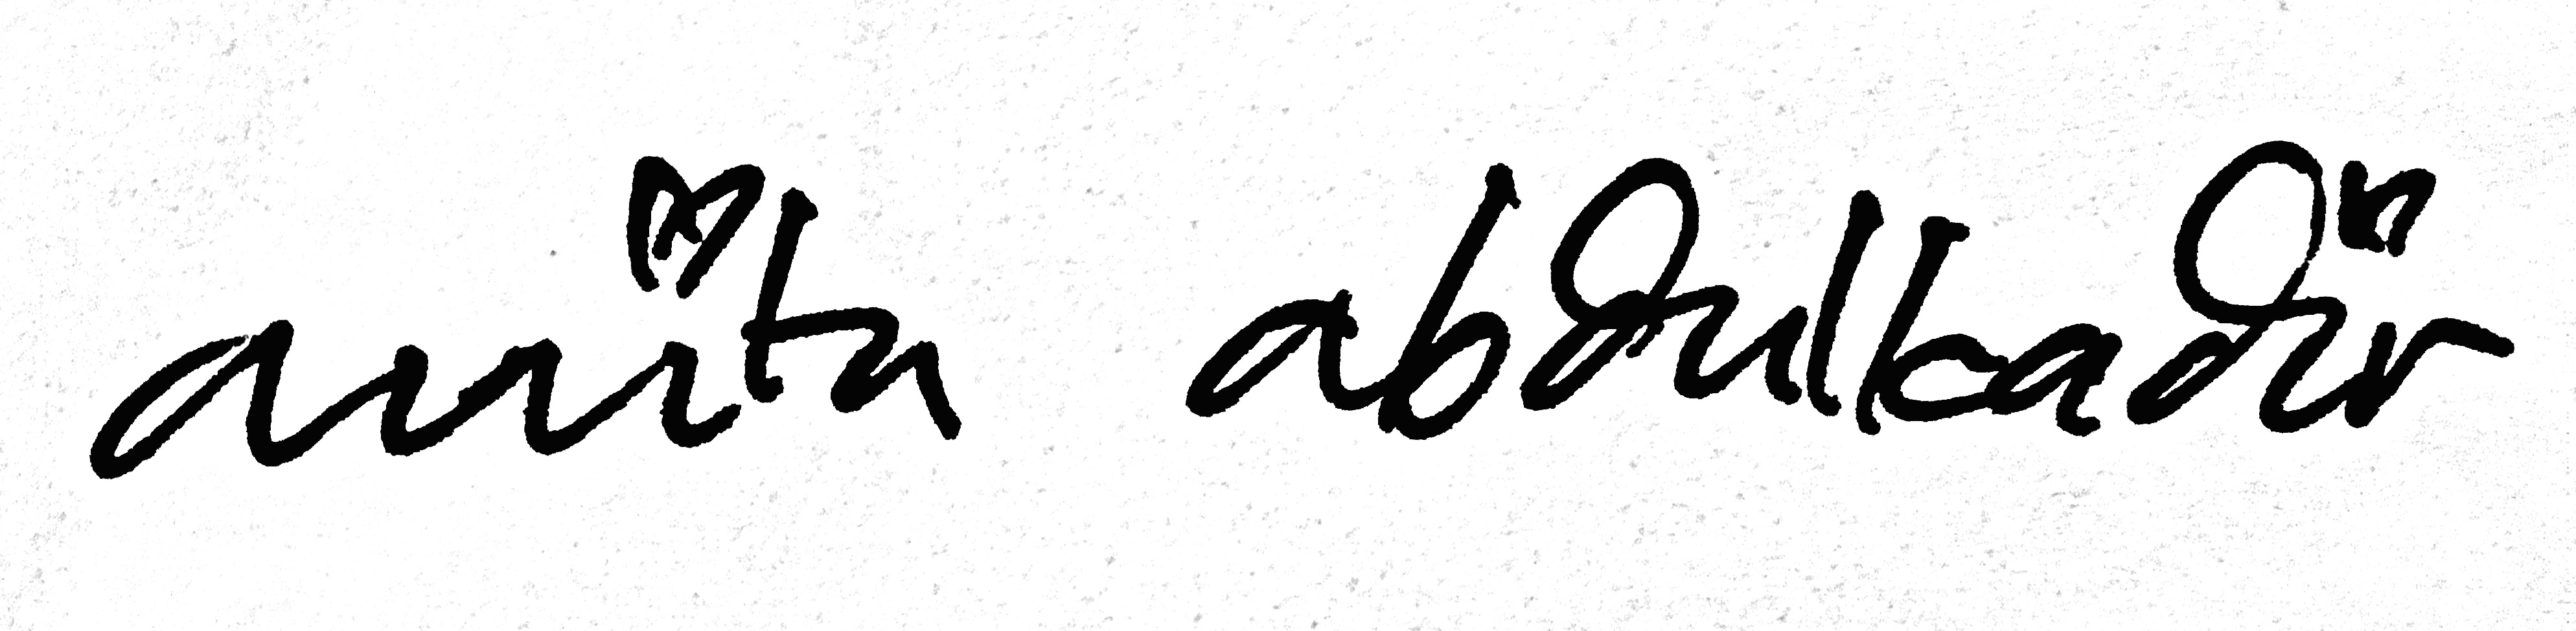 Anita Abdulkadir's Signature